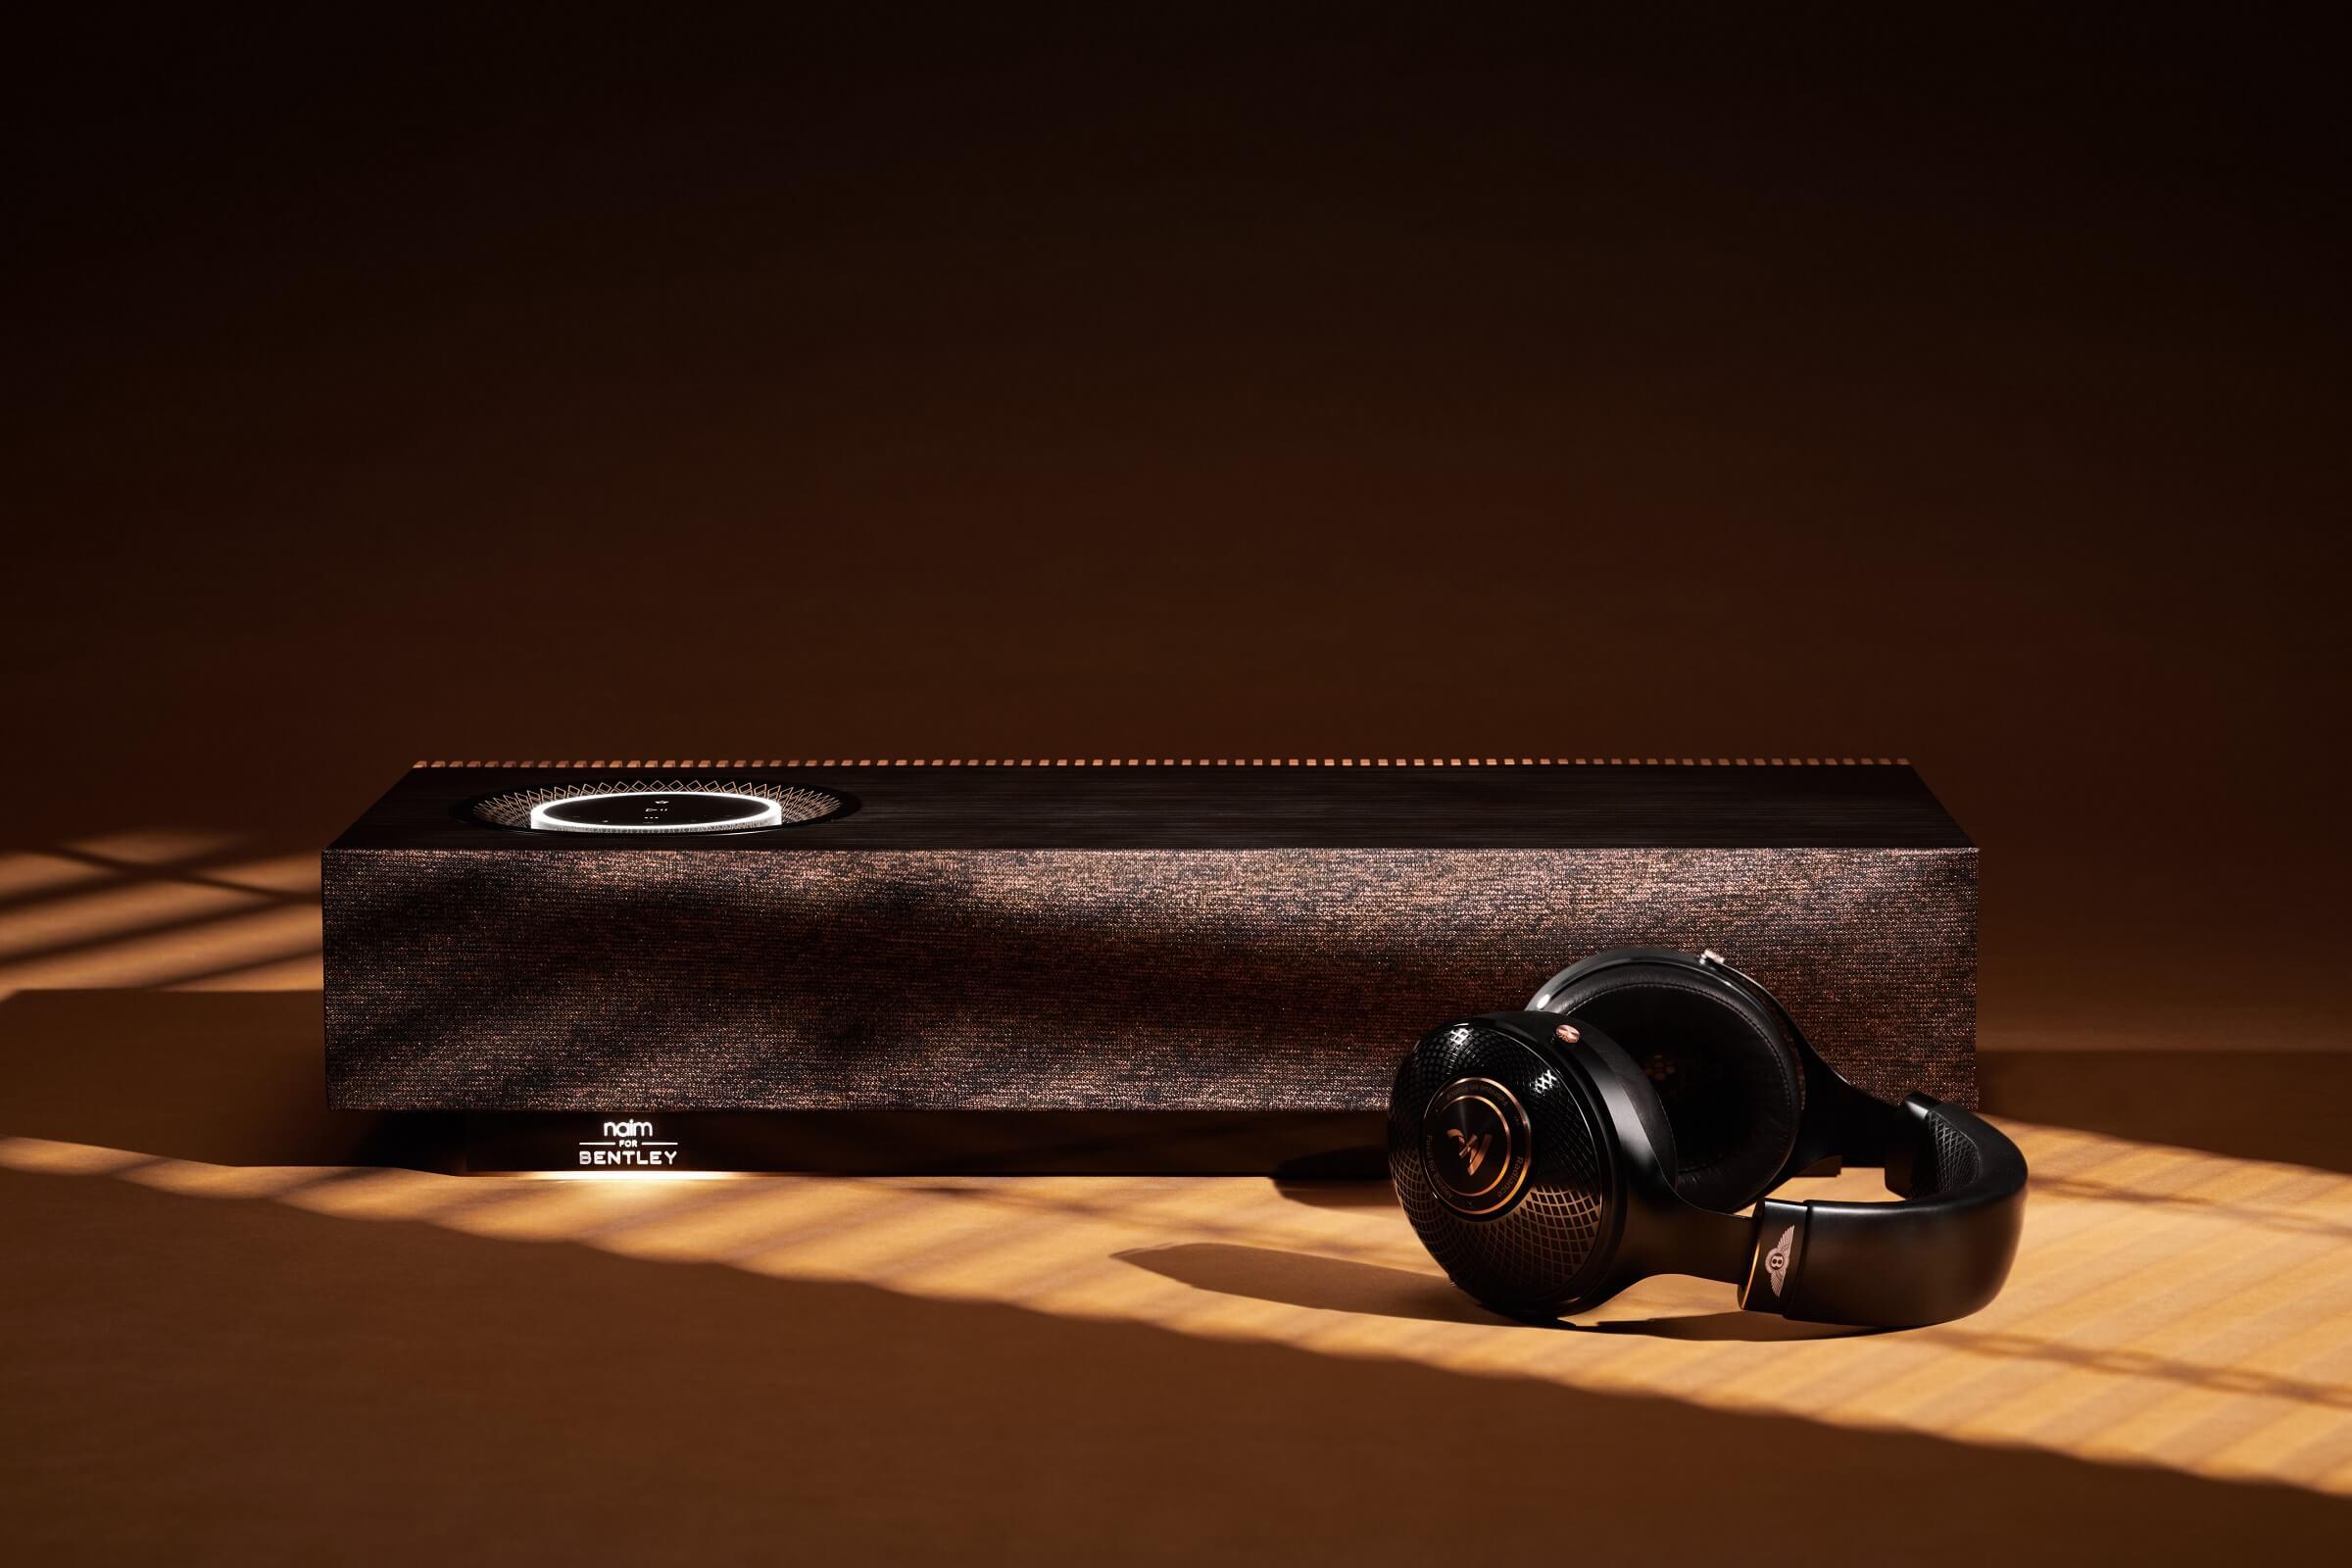 """Ασύρματο σύστημα ηχείων """"Naim for Bentley Mu-so Special Edition"""" και Ακουστικά """"Focal for Bentley Radiance"""""""